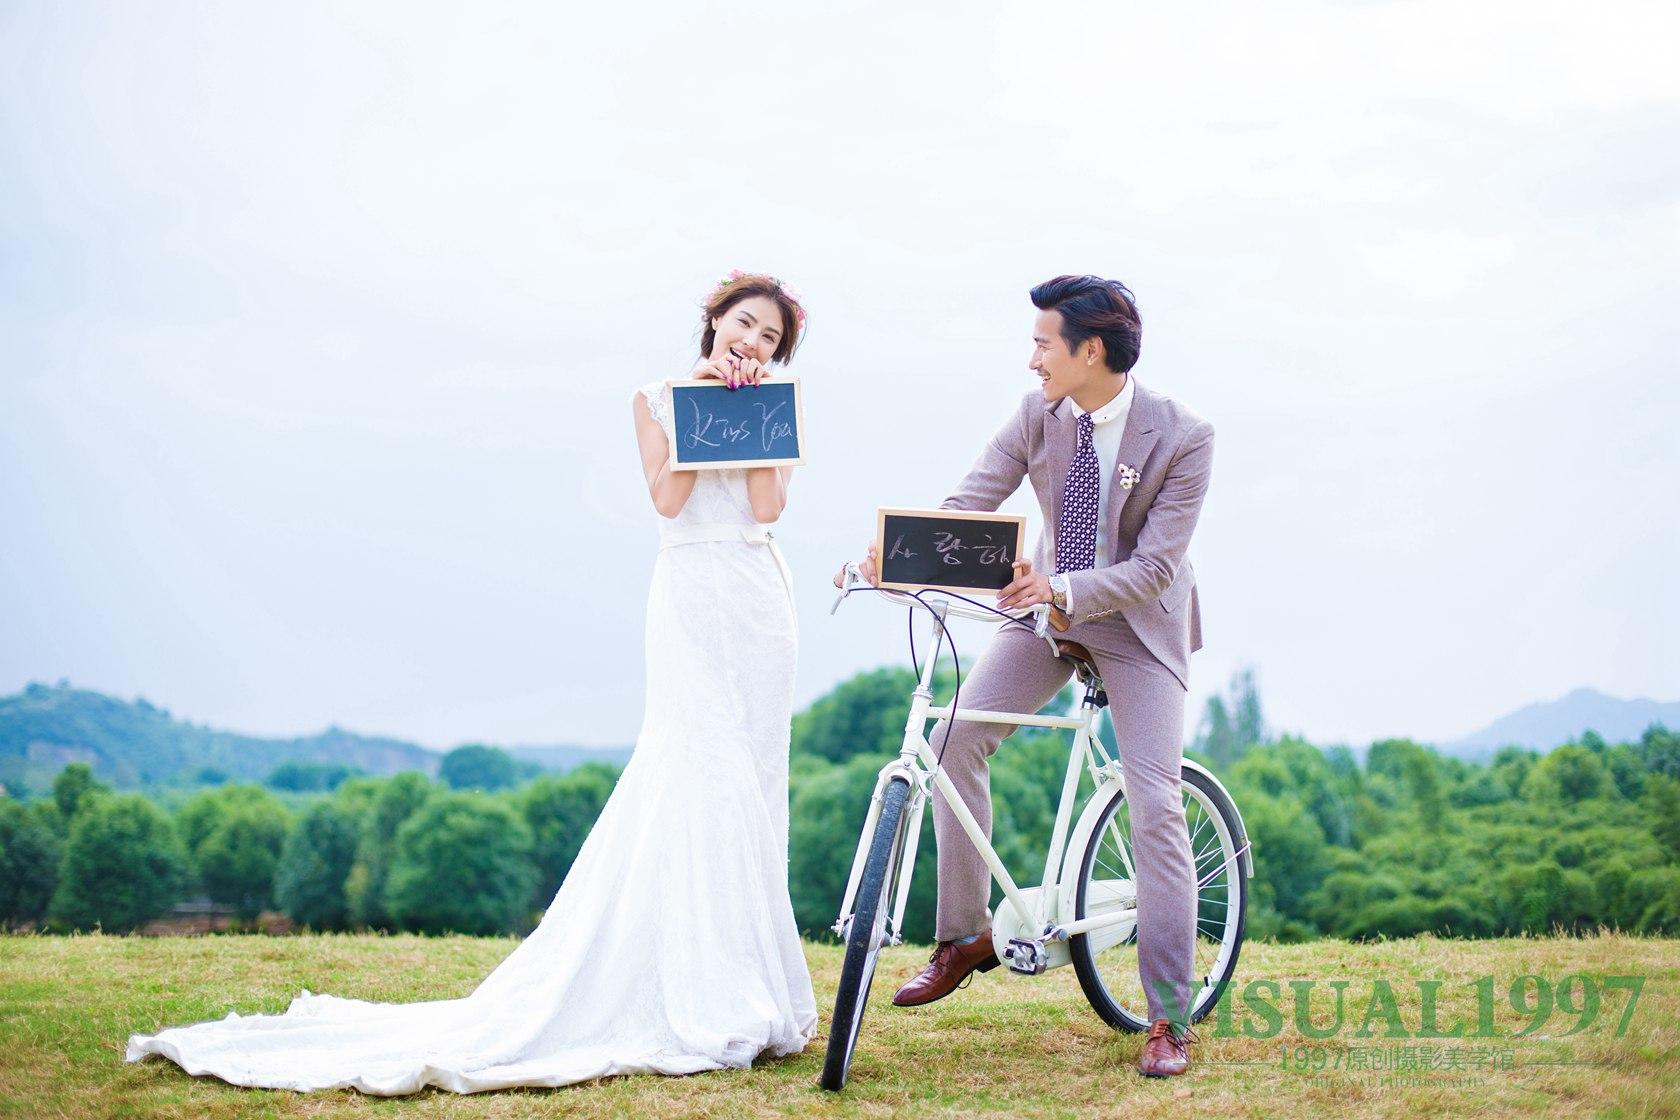 徐州薇薇新娘婚纱照_徐州亲密爱人婚纱摄影分享新娘在拍摄婚纱照时怎么笑才.